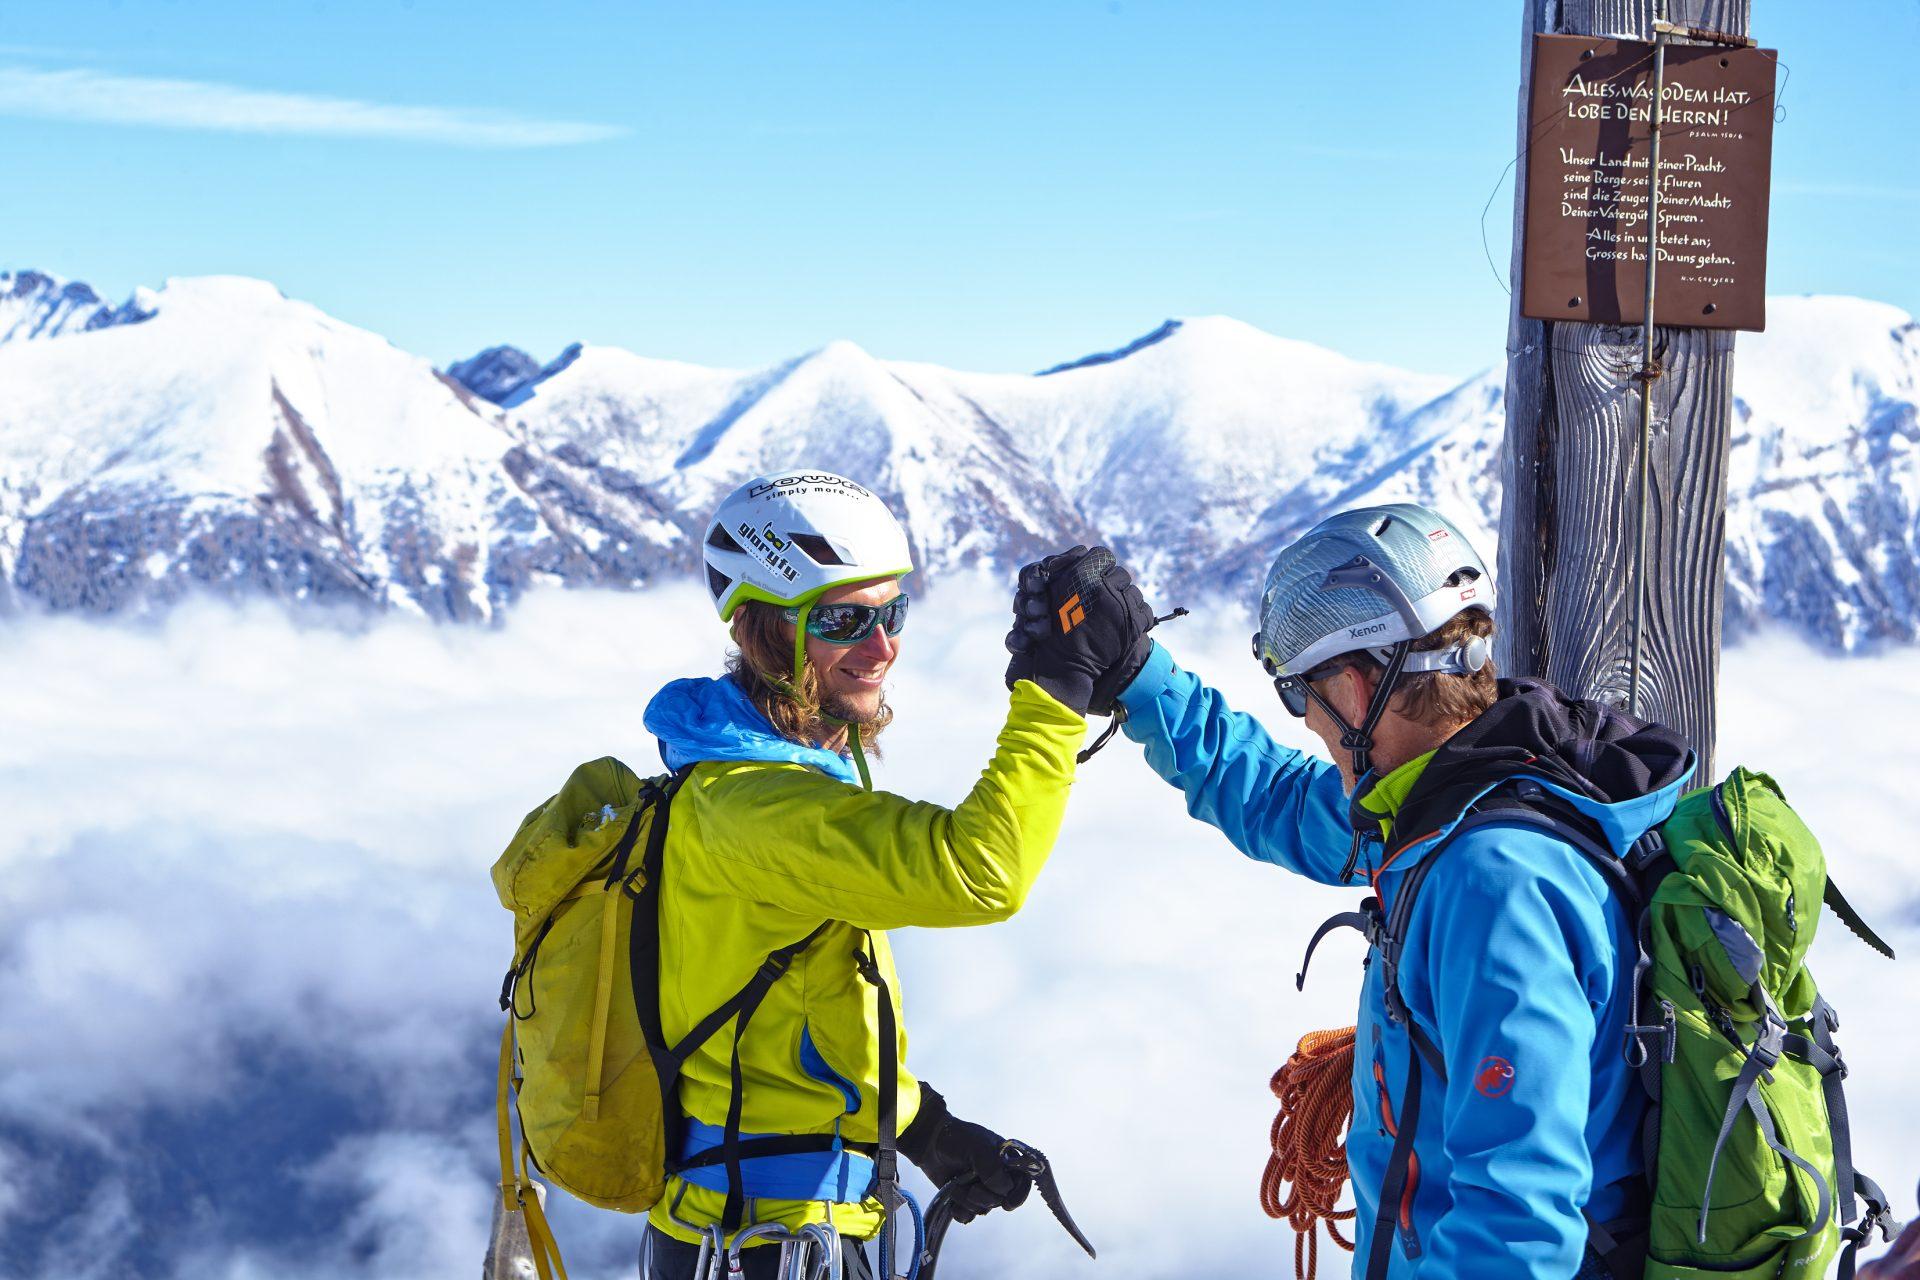 Zwei Kletterer beglückwünschen sich, sie haben gerade den Gipfel erklommen. Fotograf: Jörg Saibou, Köln.